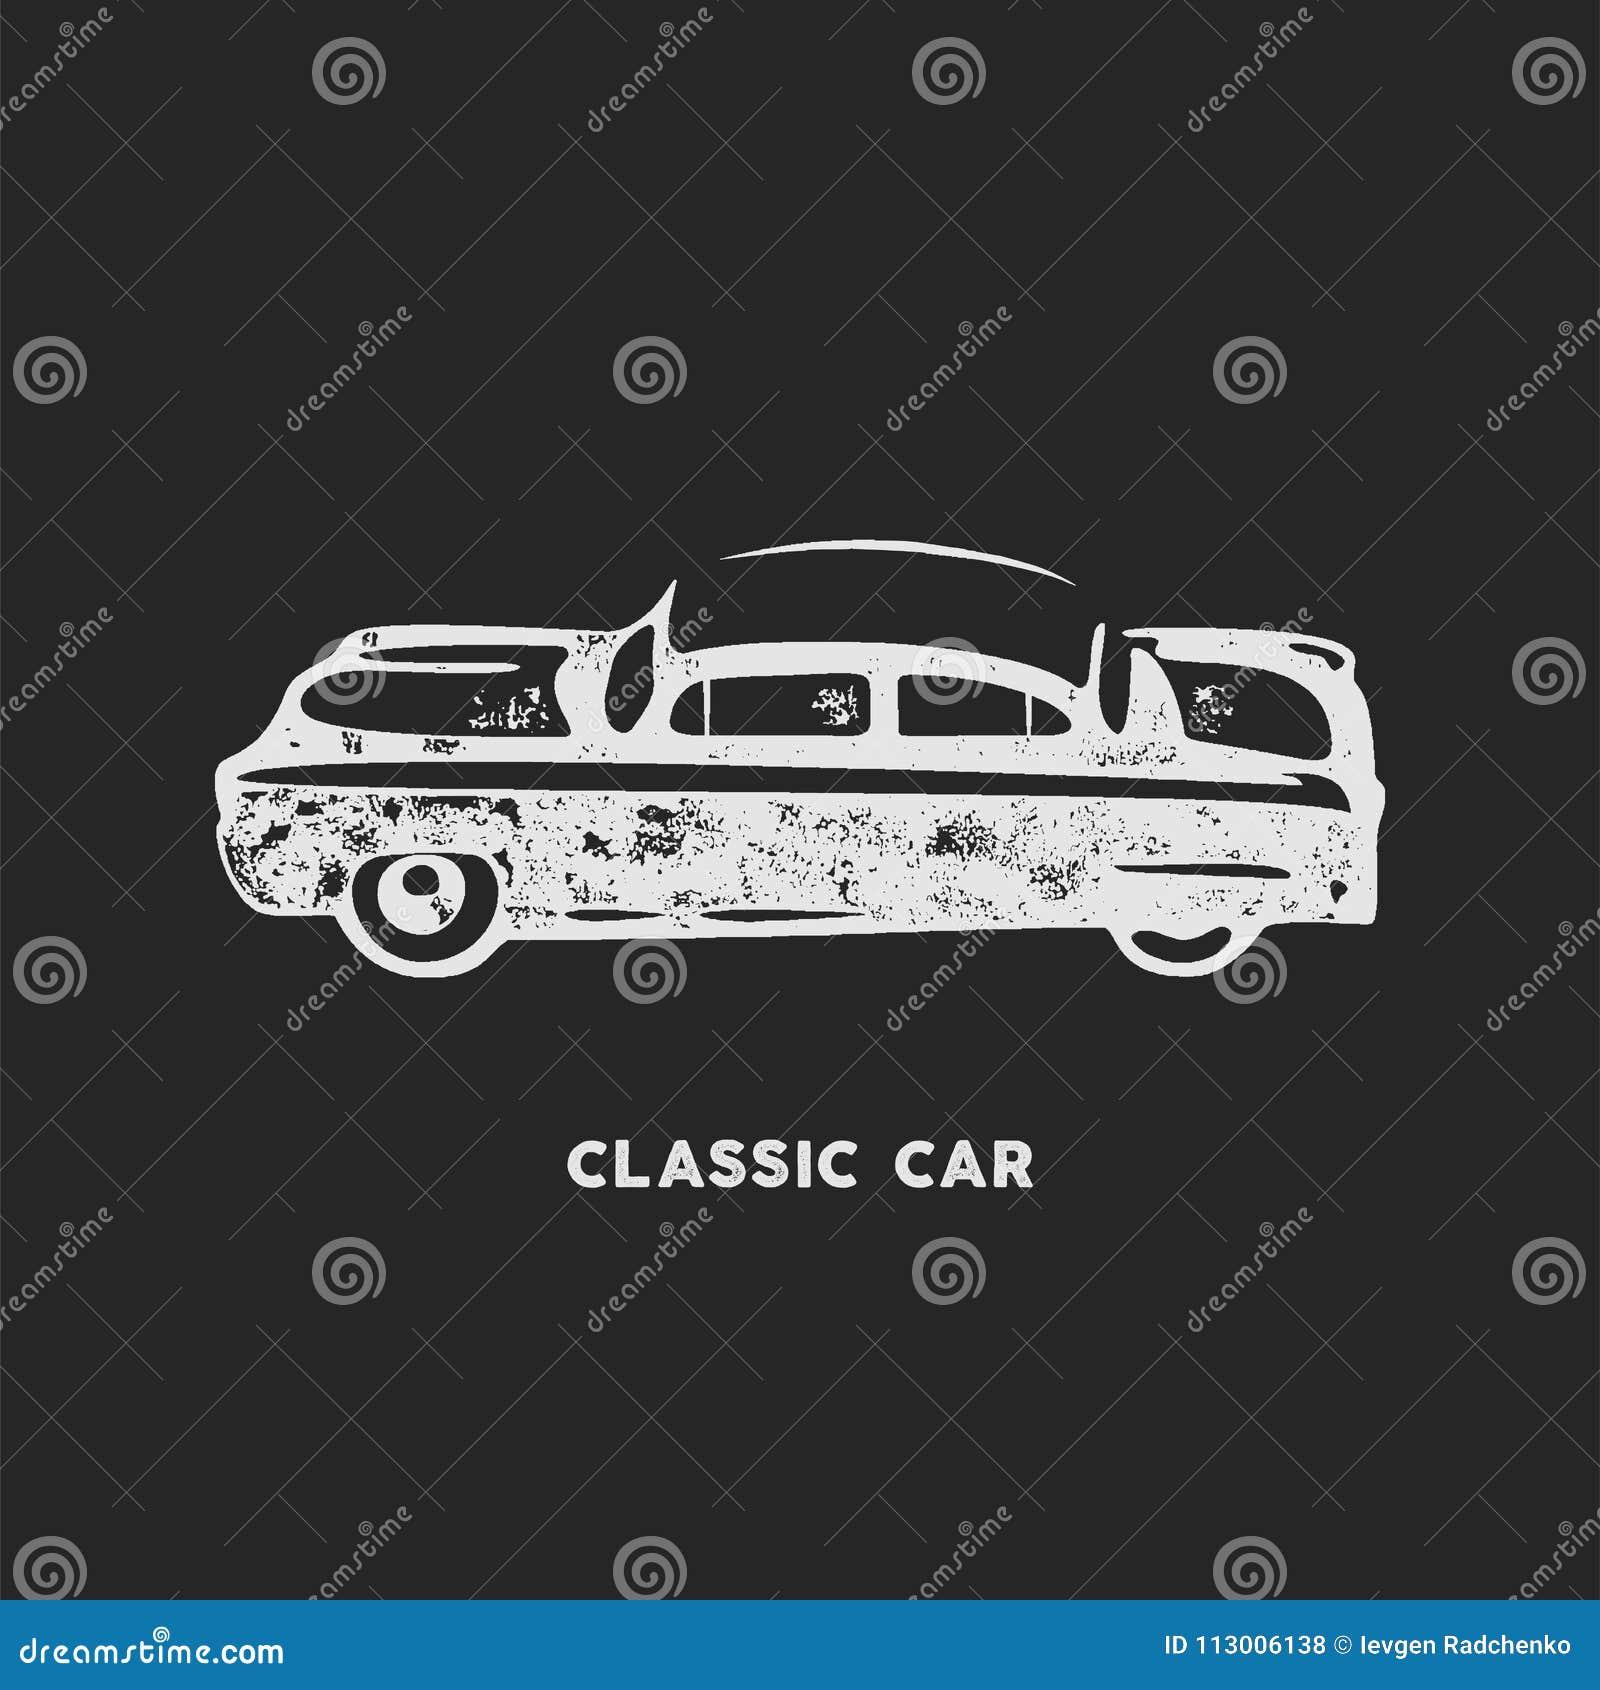 Groß Automobilschema Symbole Zeitgenössisch - Verdrahtungsideen ...